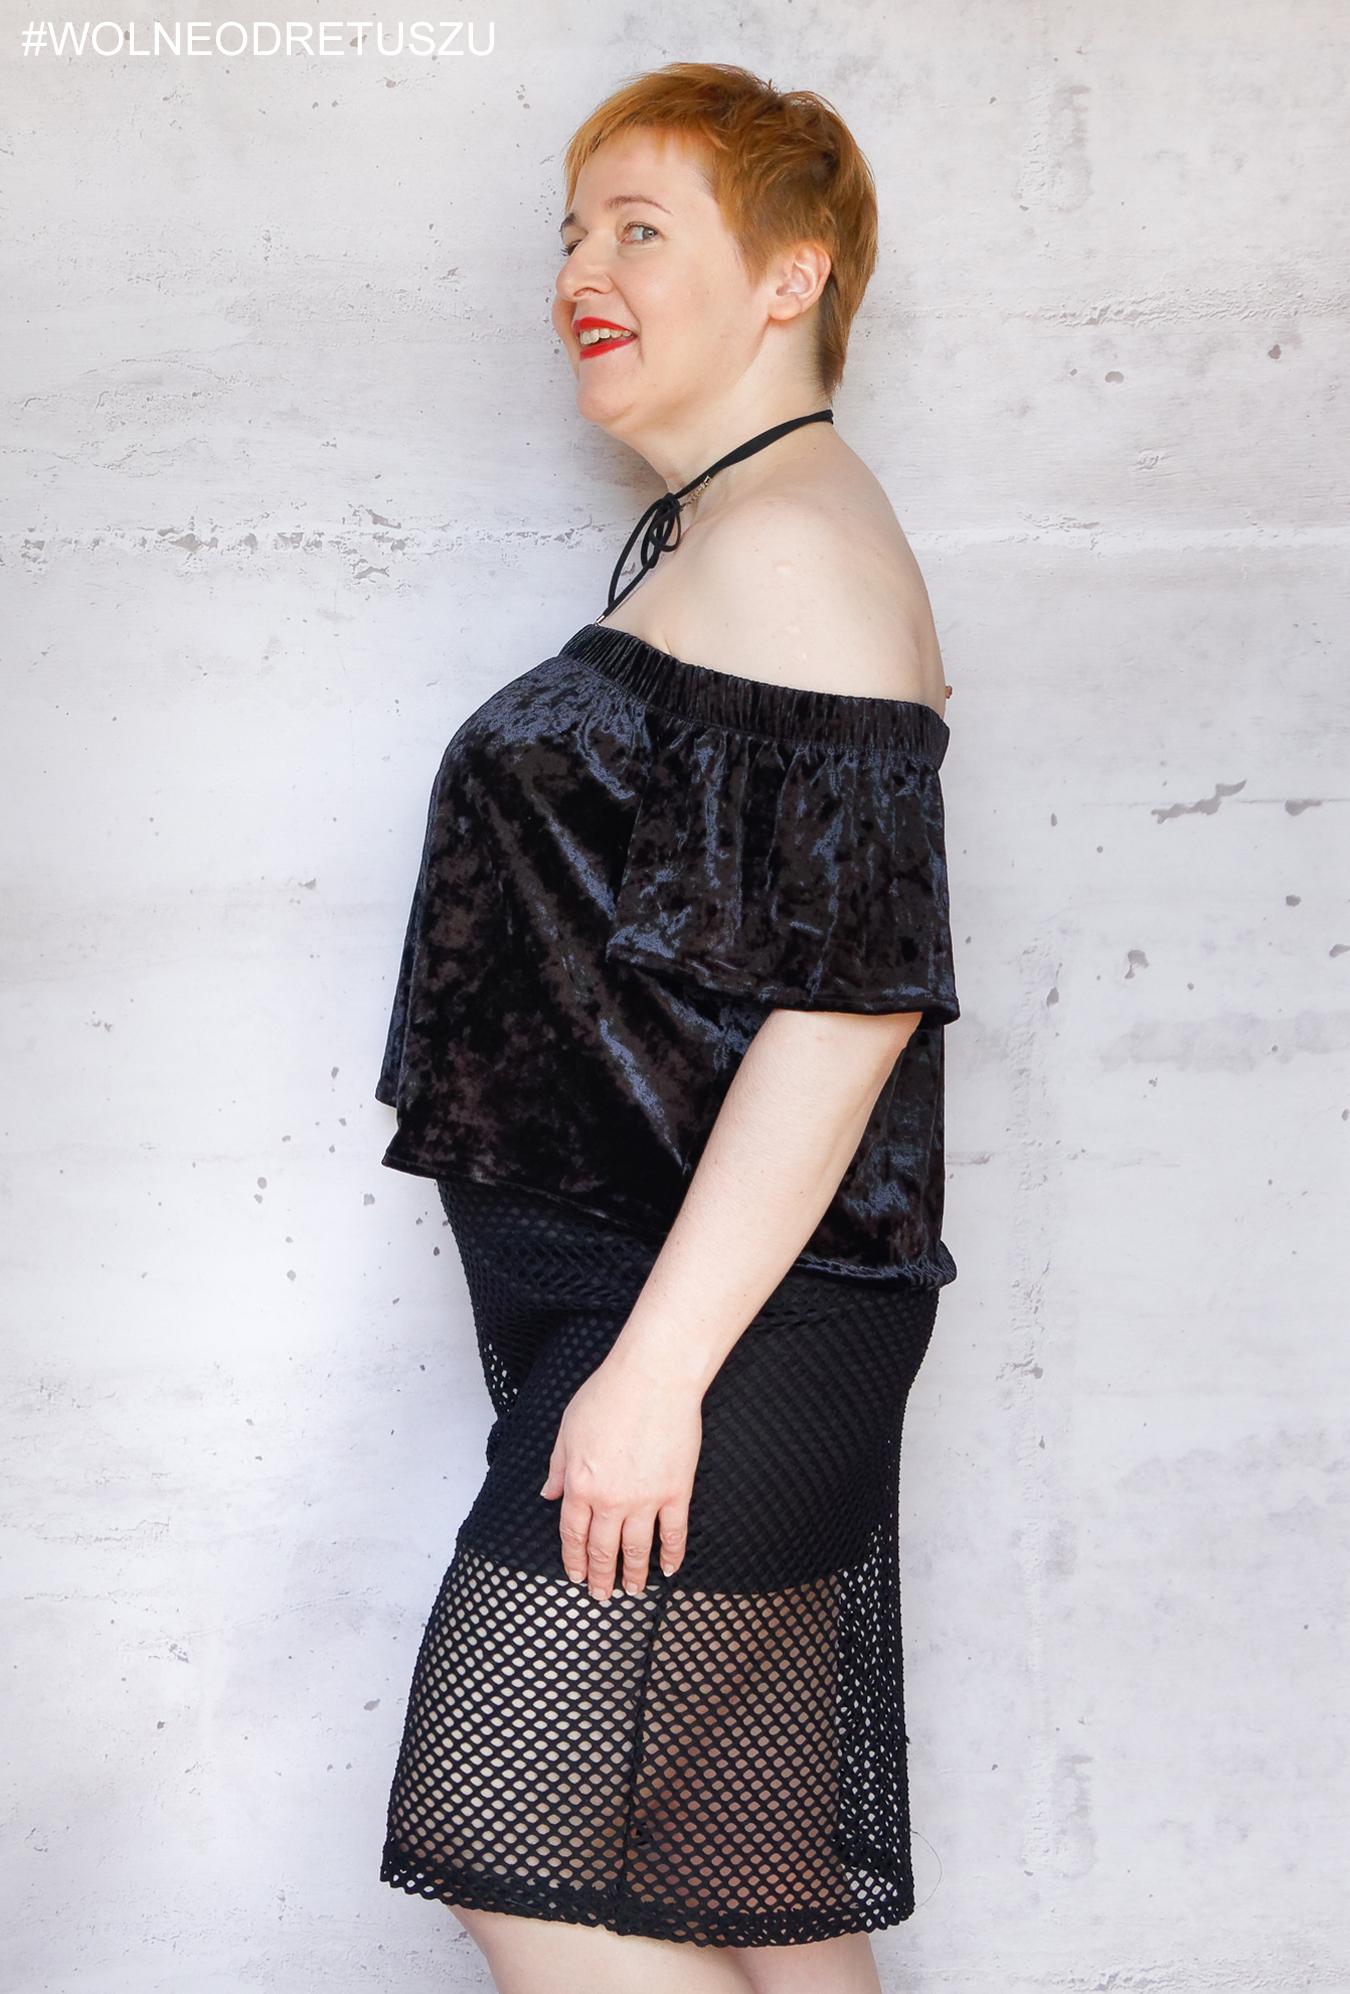 Stanik: Porcelain Elan moulded strapless rozmiar 38FF, Ubranie: czarna bluzka hiszpanka i spódnica: Forever 21+, rozmiar 1X